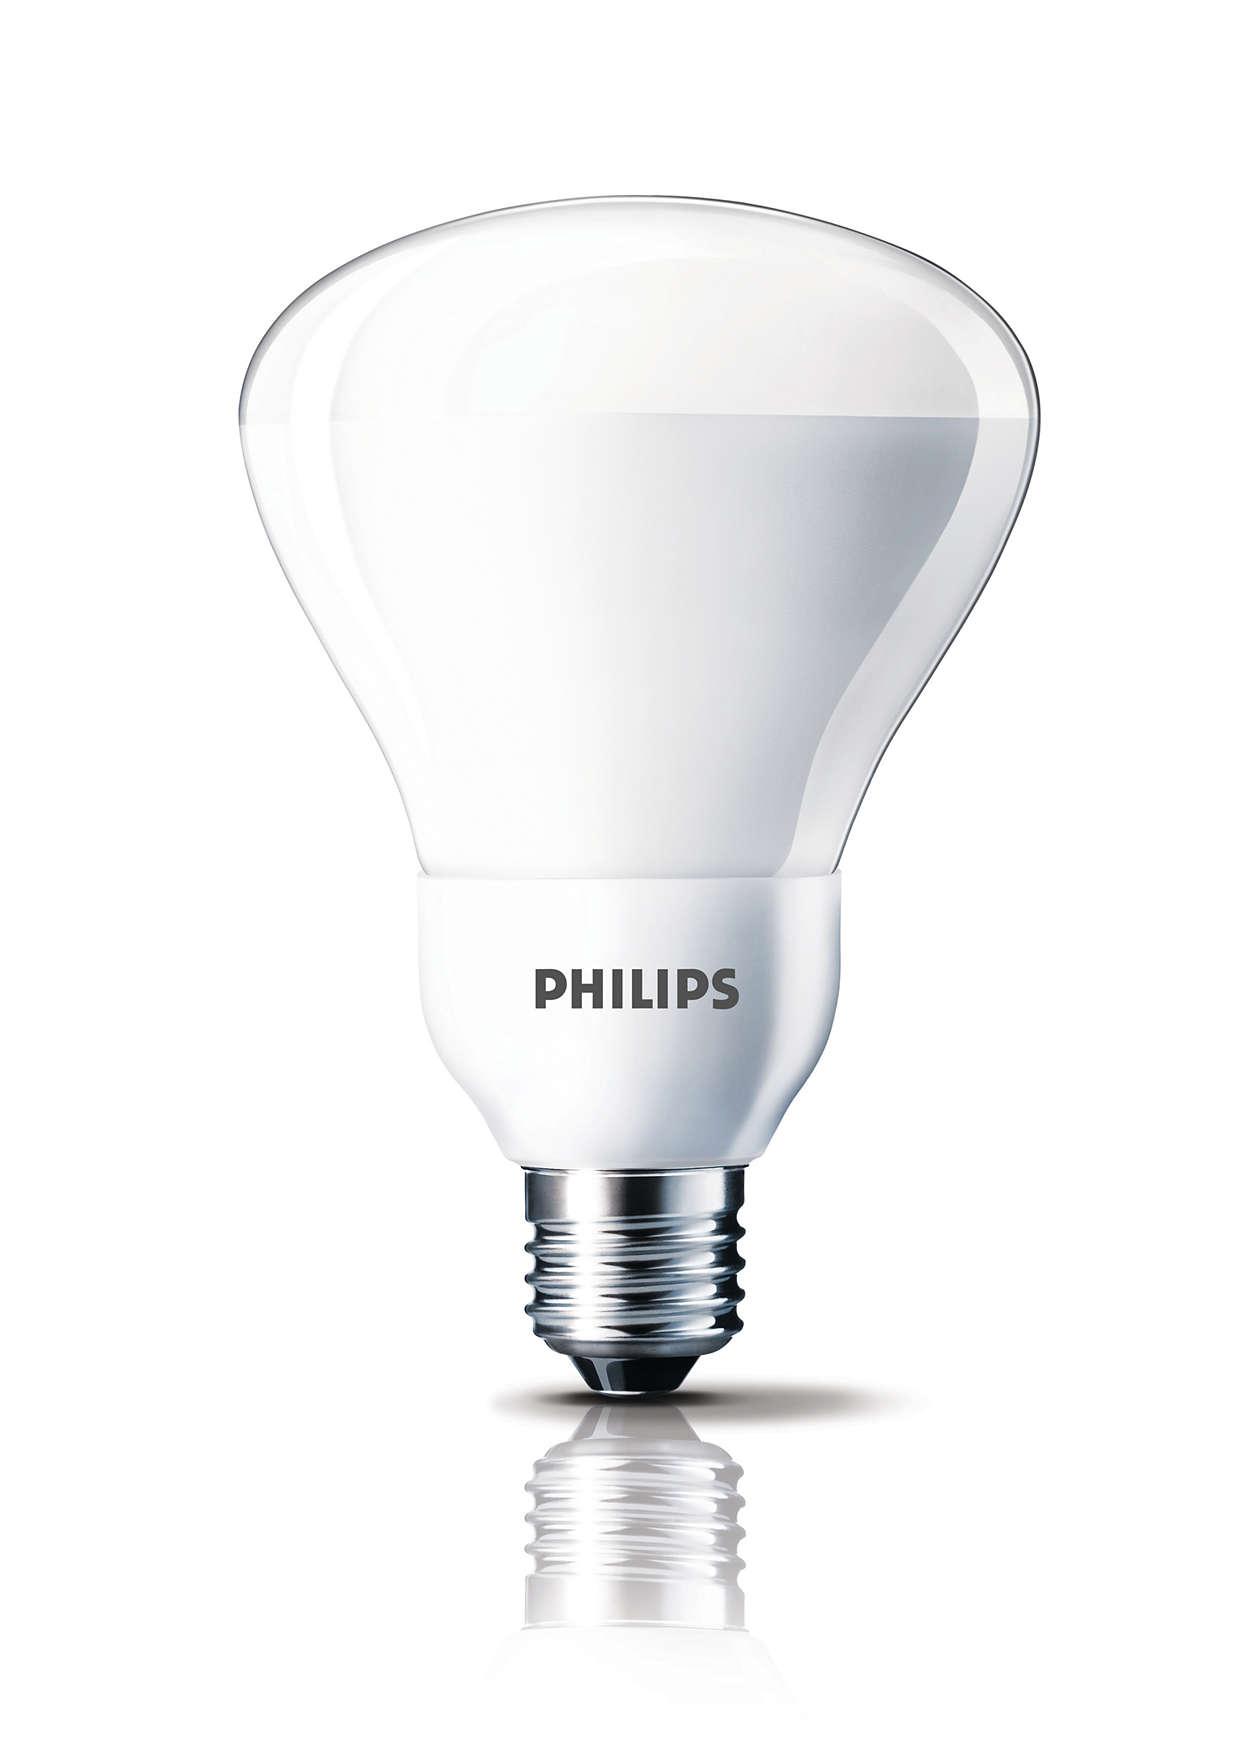 หลอดไฟสะท้อนแสงแบบประหยัดพลังงานที่มอบลำแสงโฟกัส